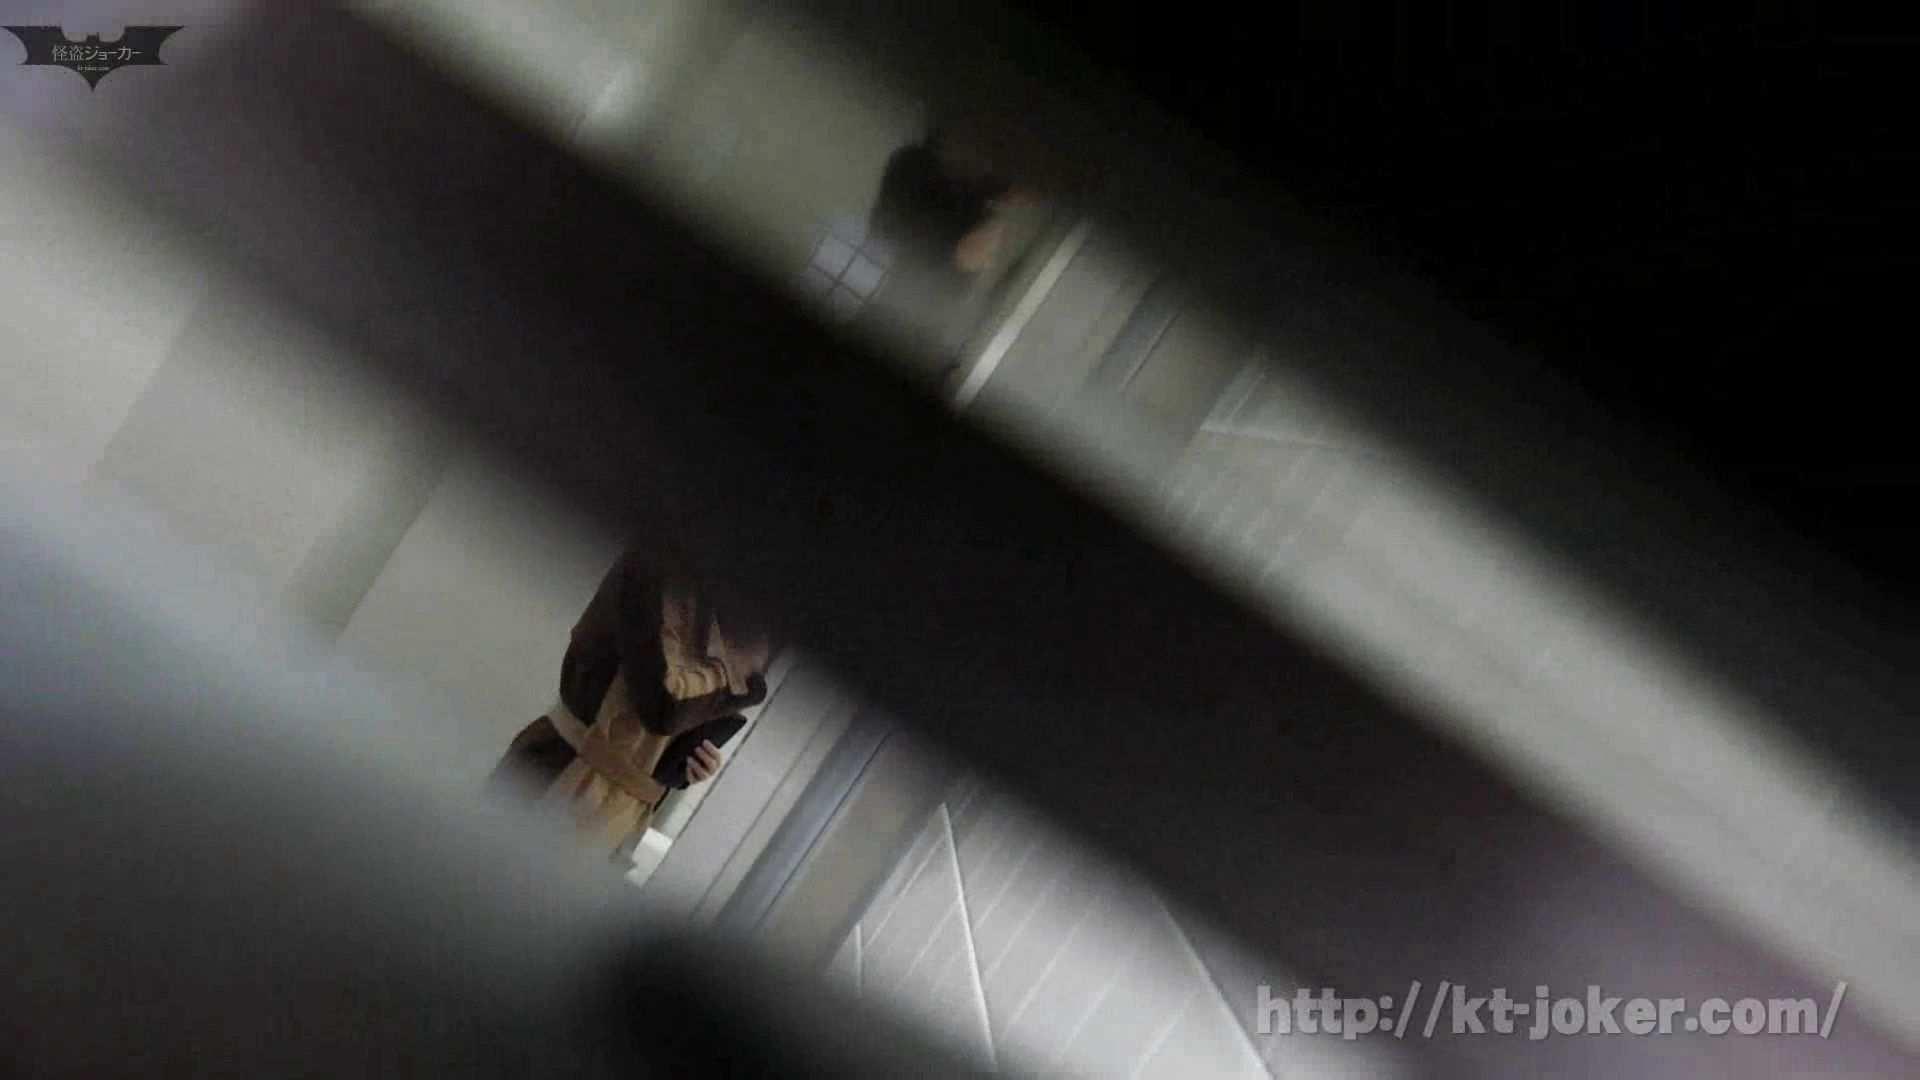 命がけ潜伏洗面所! vol.56 ピンチ!!「鏡の前で祈る女性」にばれる危機 洗面所突入   プライベート  105pic 67